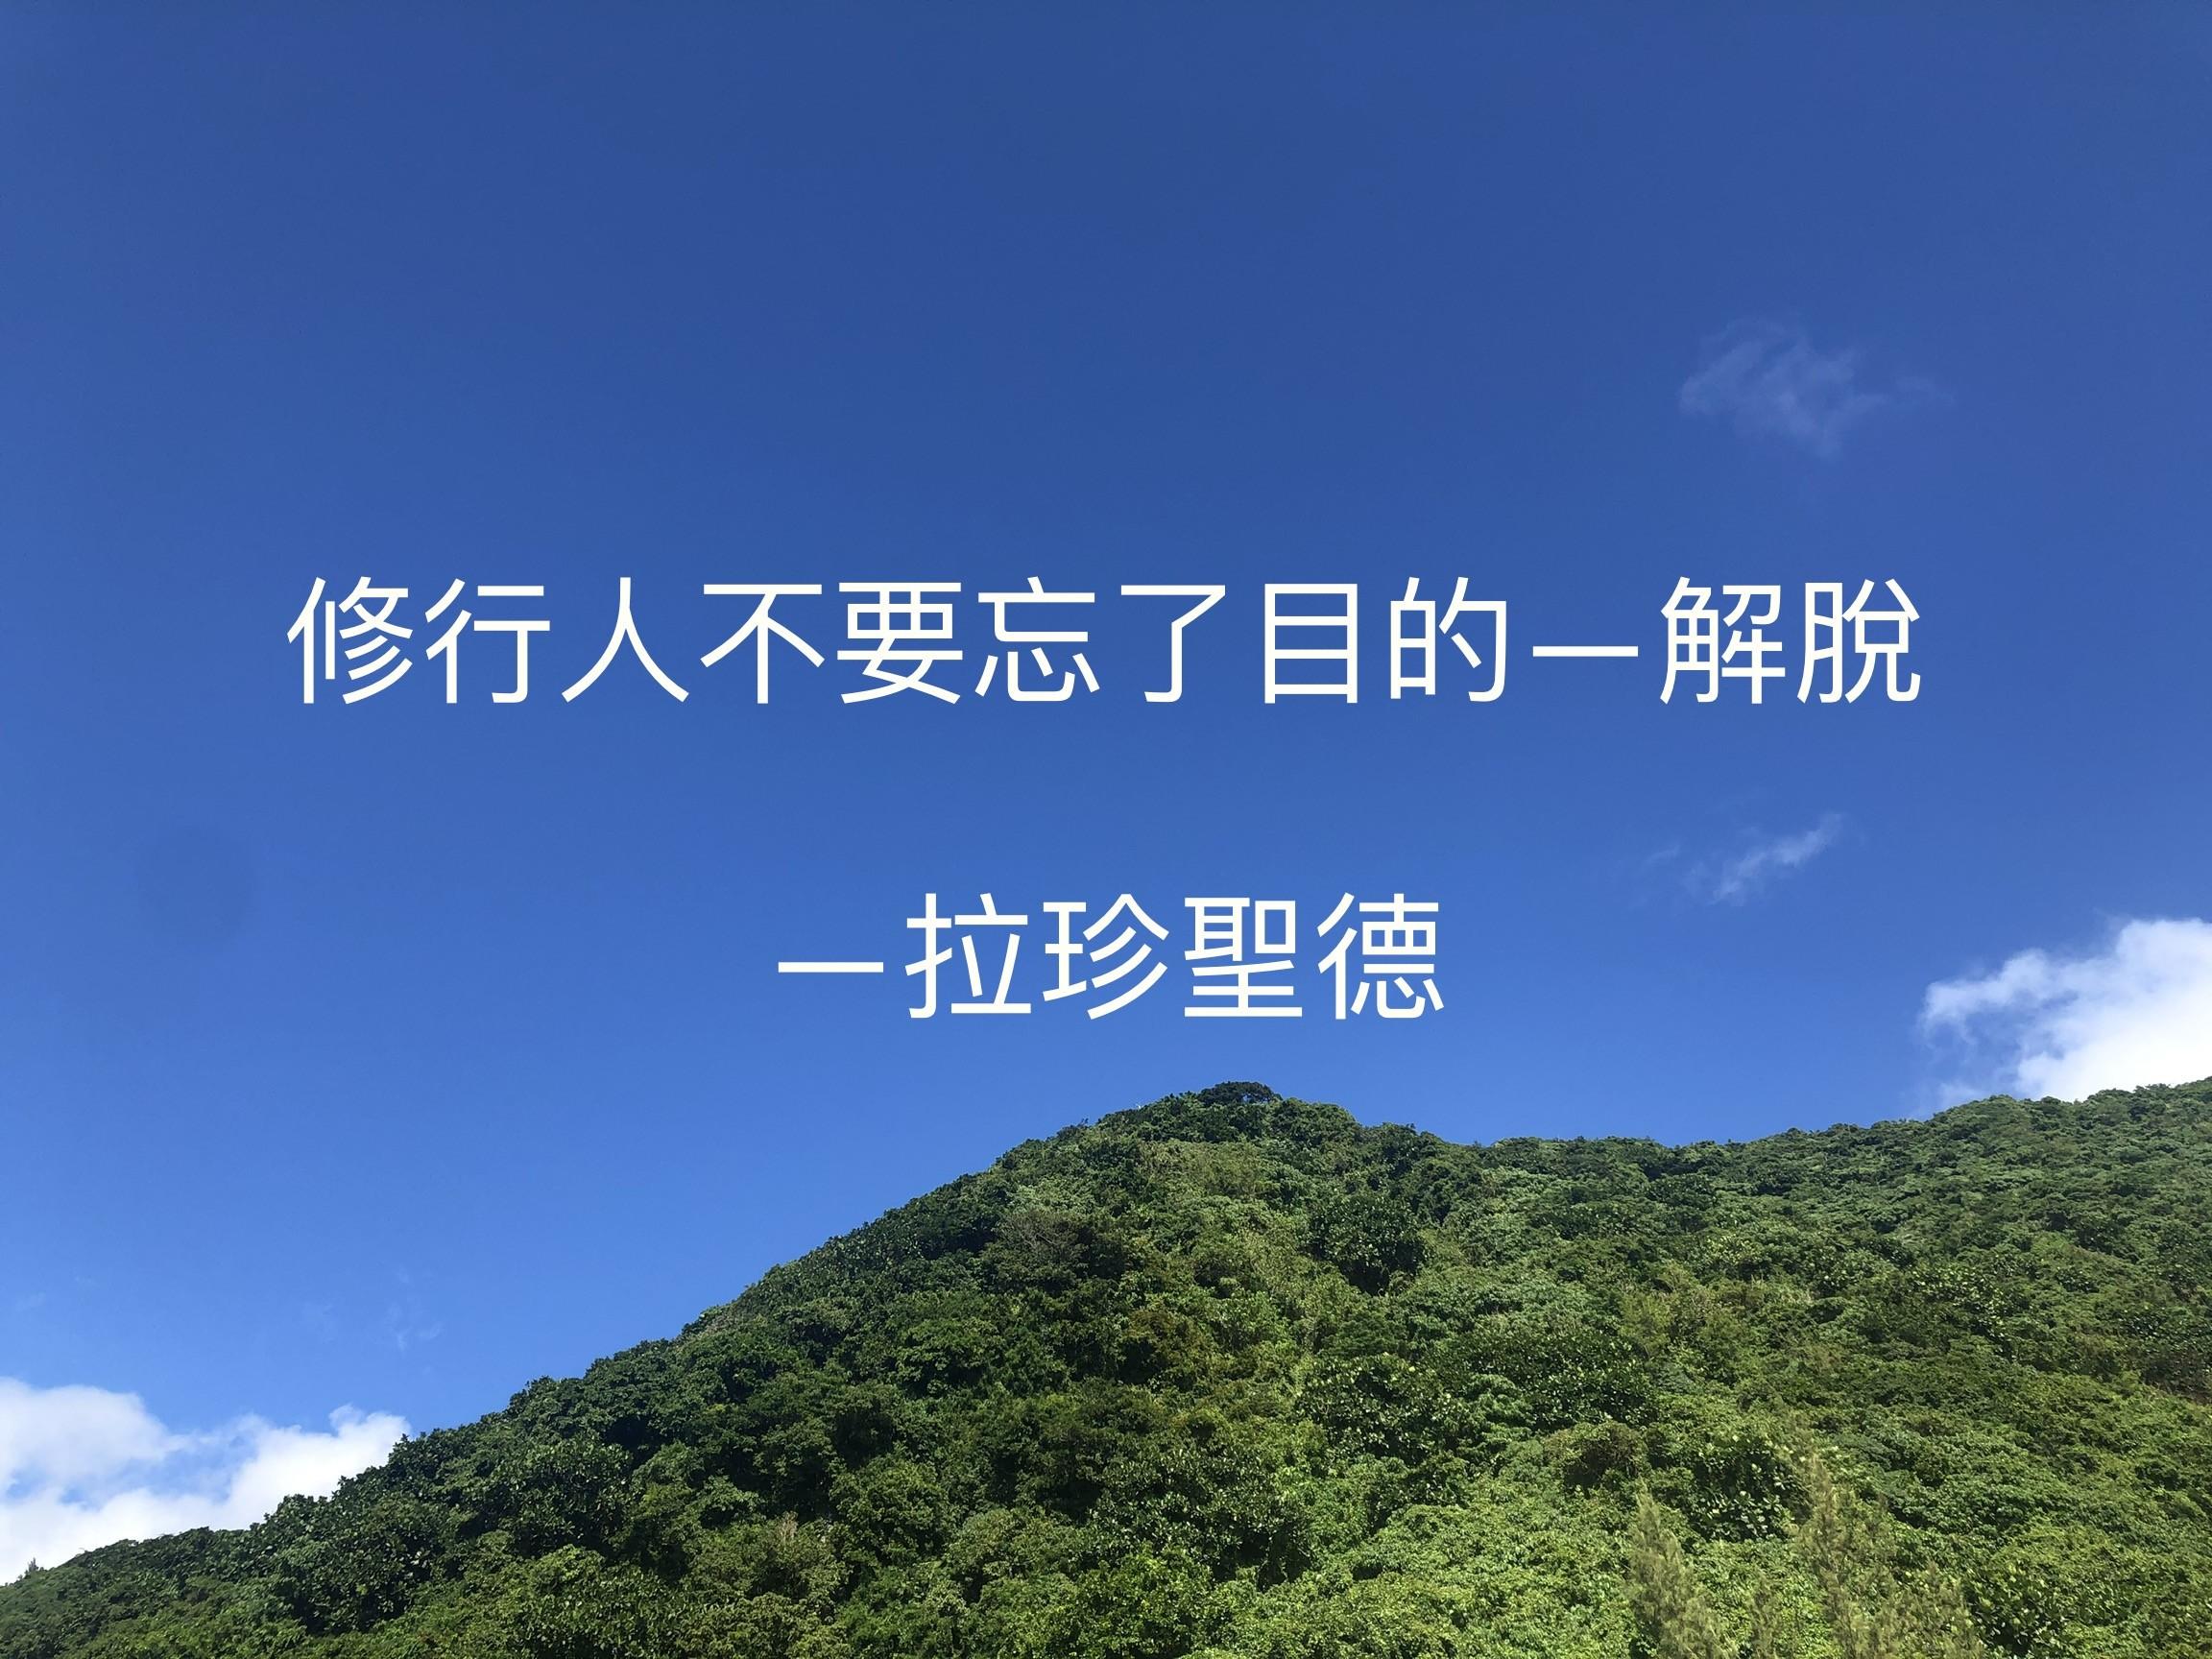 macang.info修行人不要忘了目的解脫